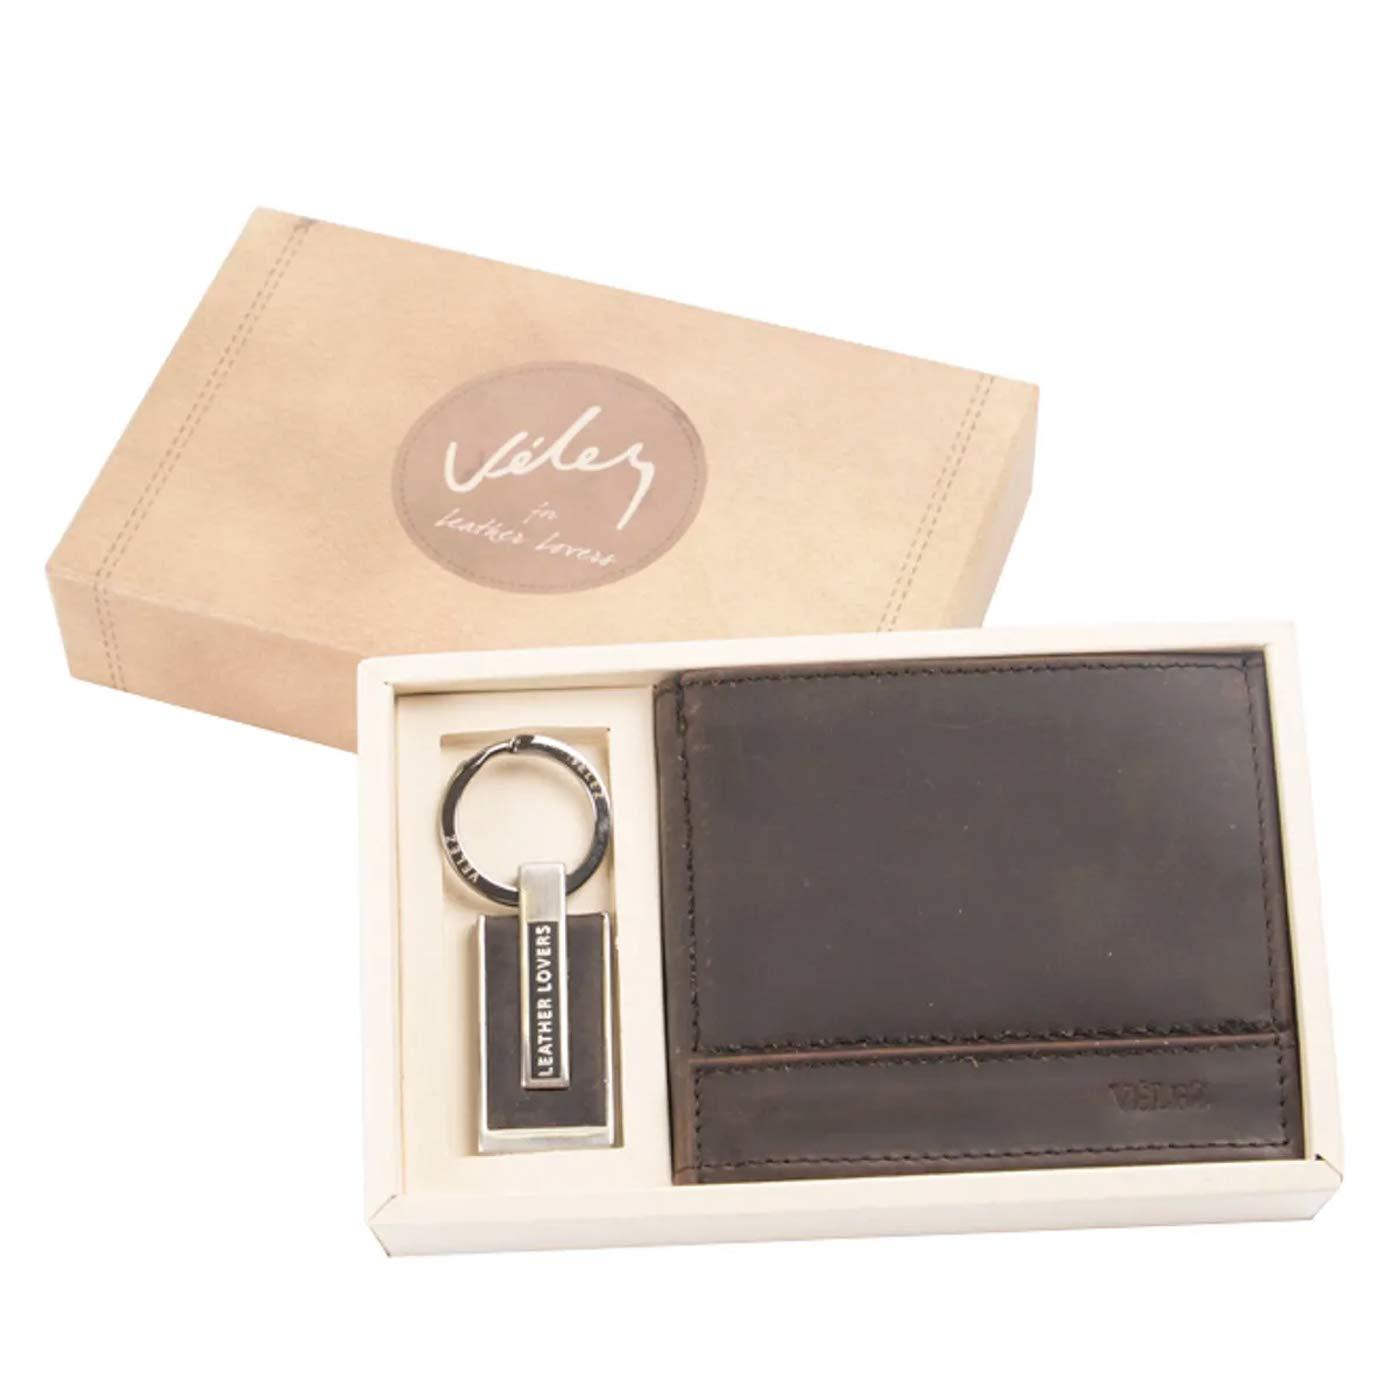 construcción racional comprar original comprar VELEZ Genuine Mens Colombian Leather Wallet | Carteras de Cuero Colombiano  para Hombres